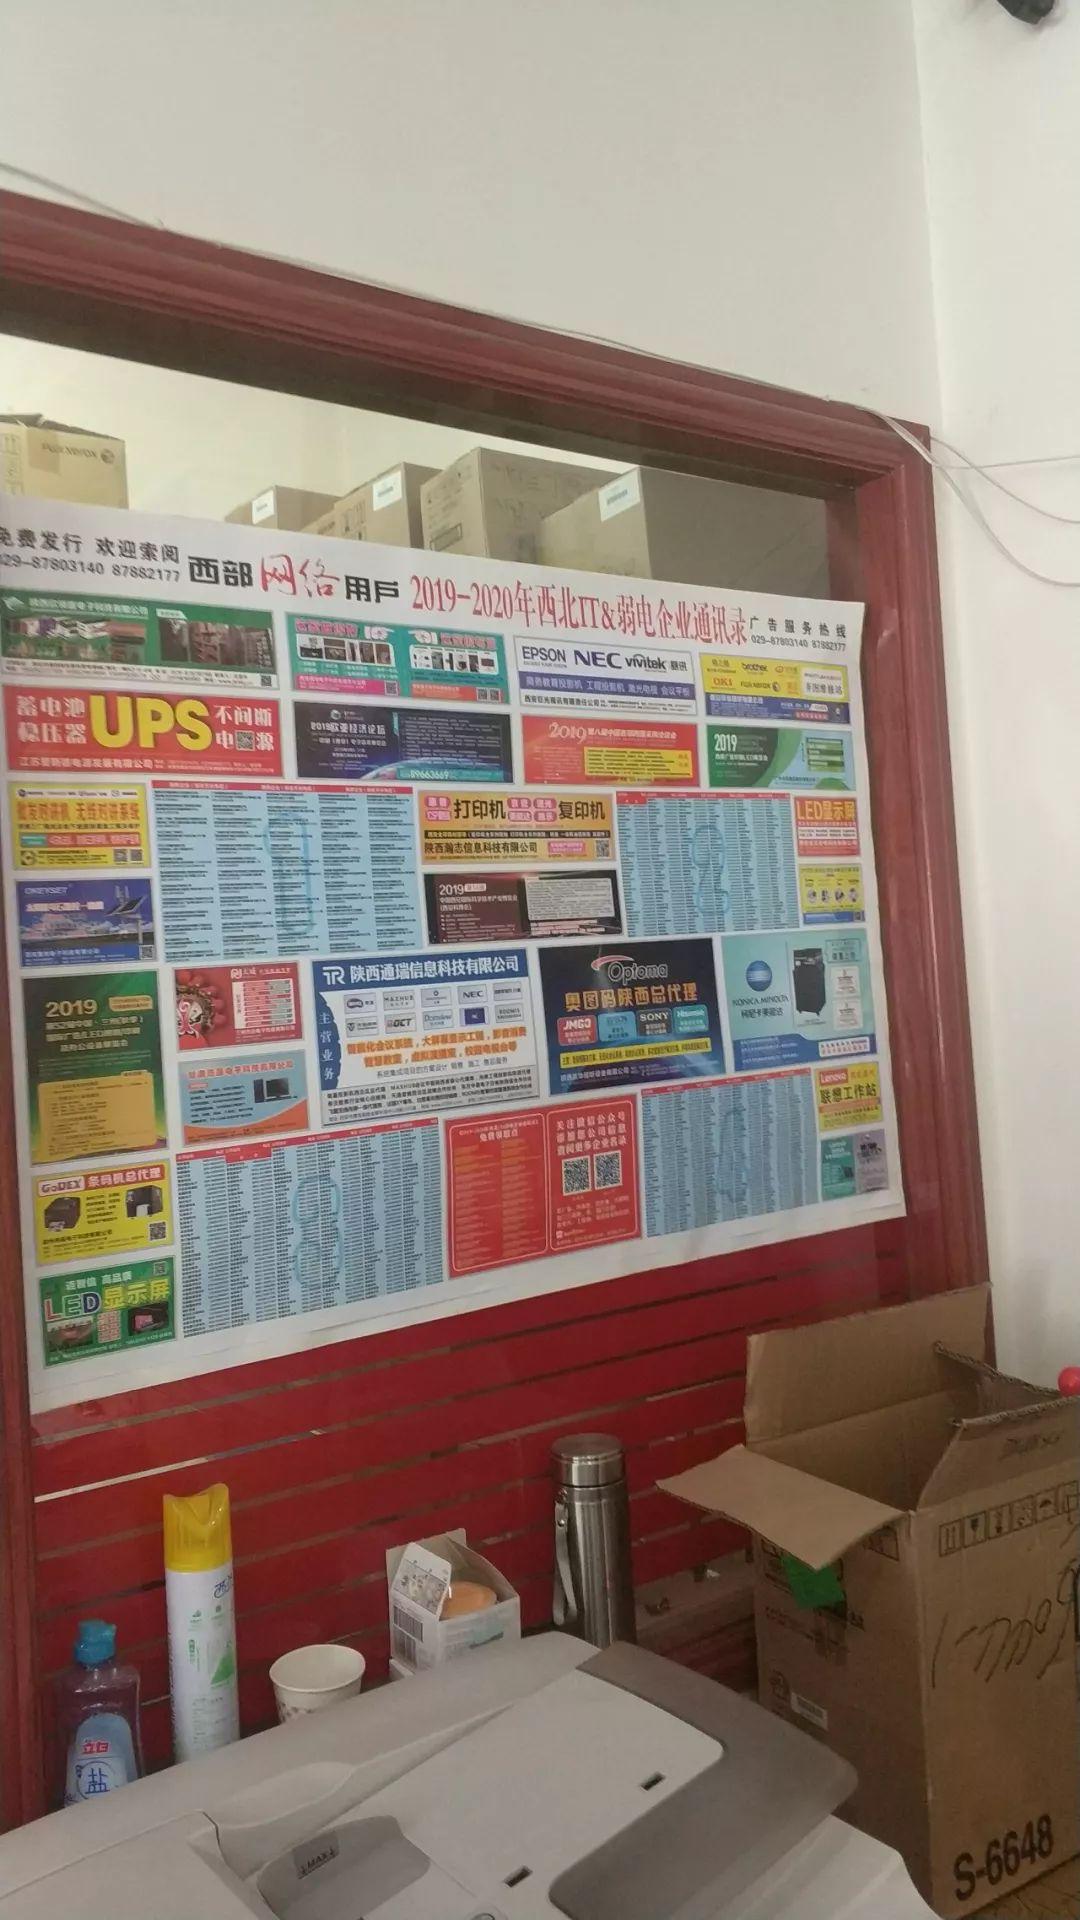 赛博数码广场西宁店卖场商家-ZOL中关村在线电子卖场频道